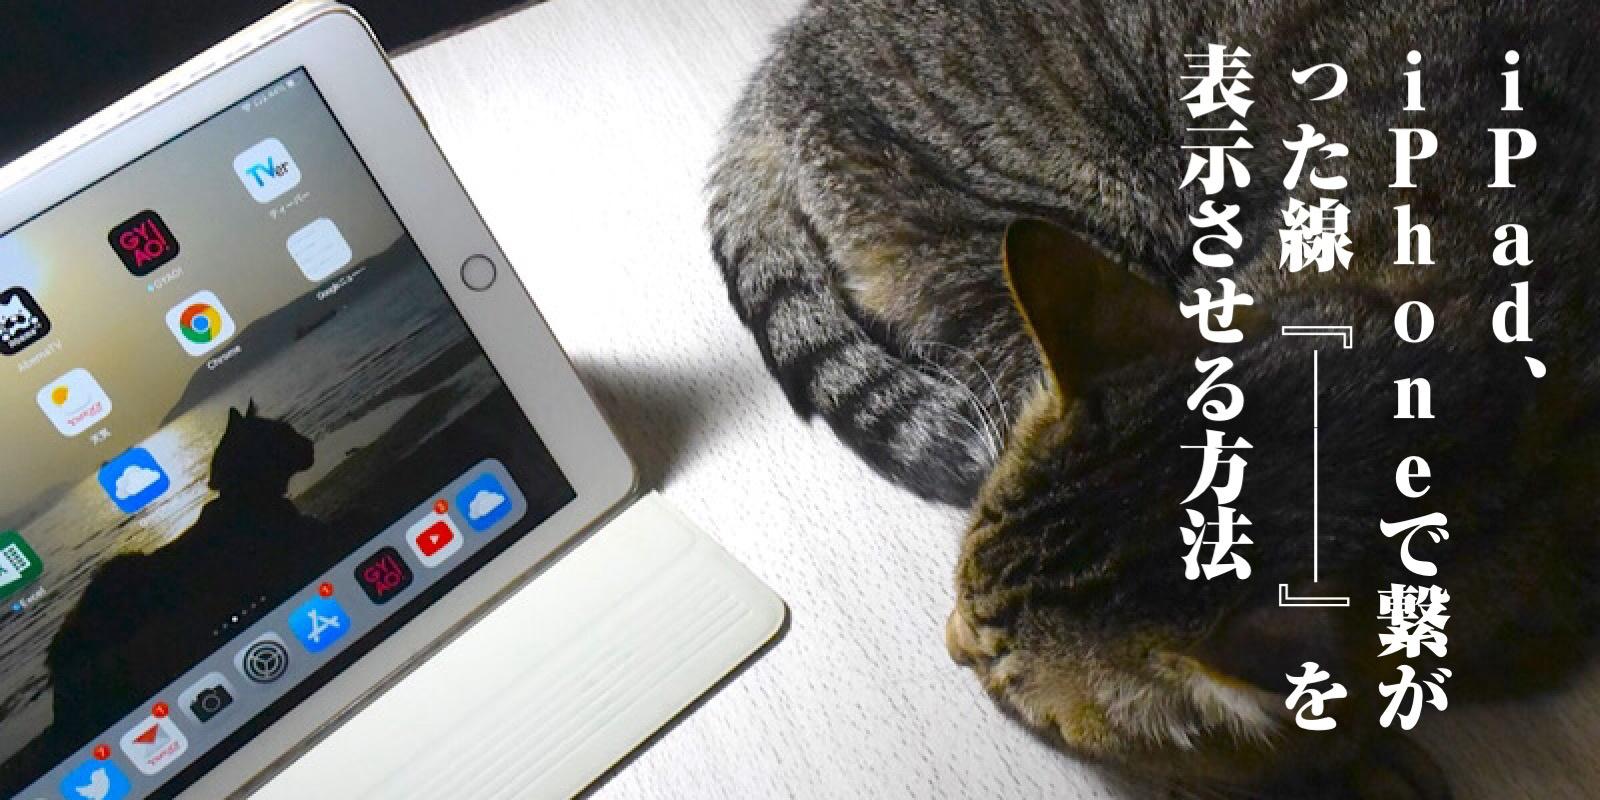 iPad、iPhoneで繋がった線『───』を表示させる方法